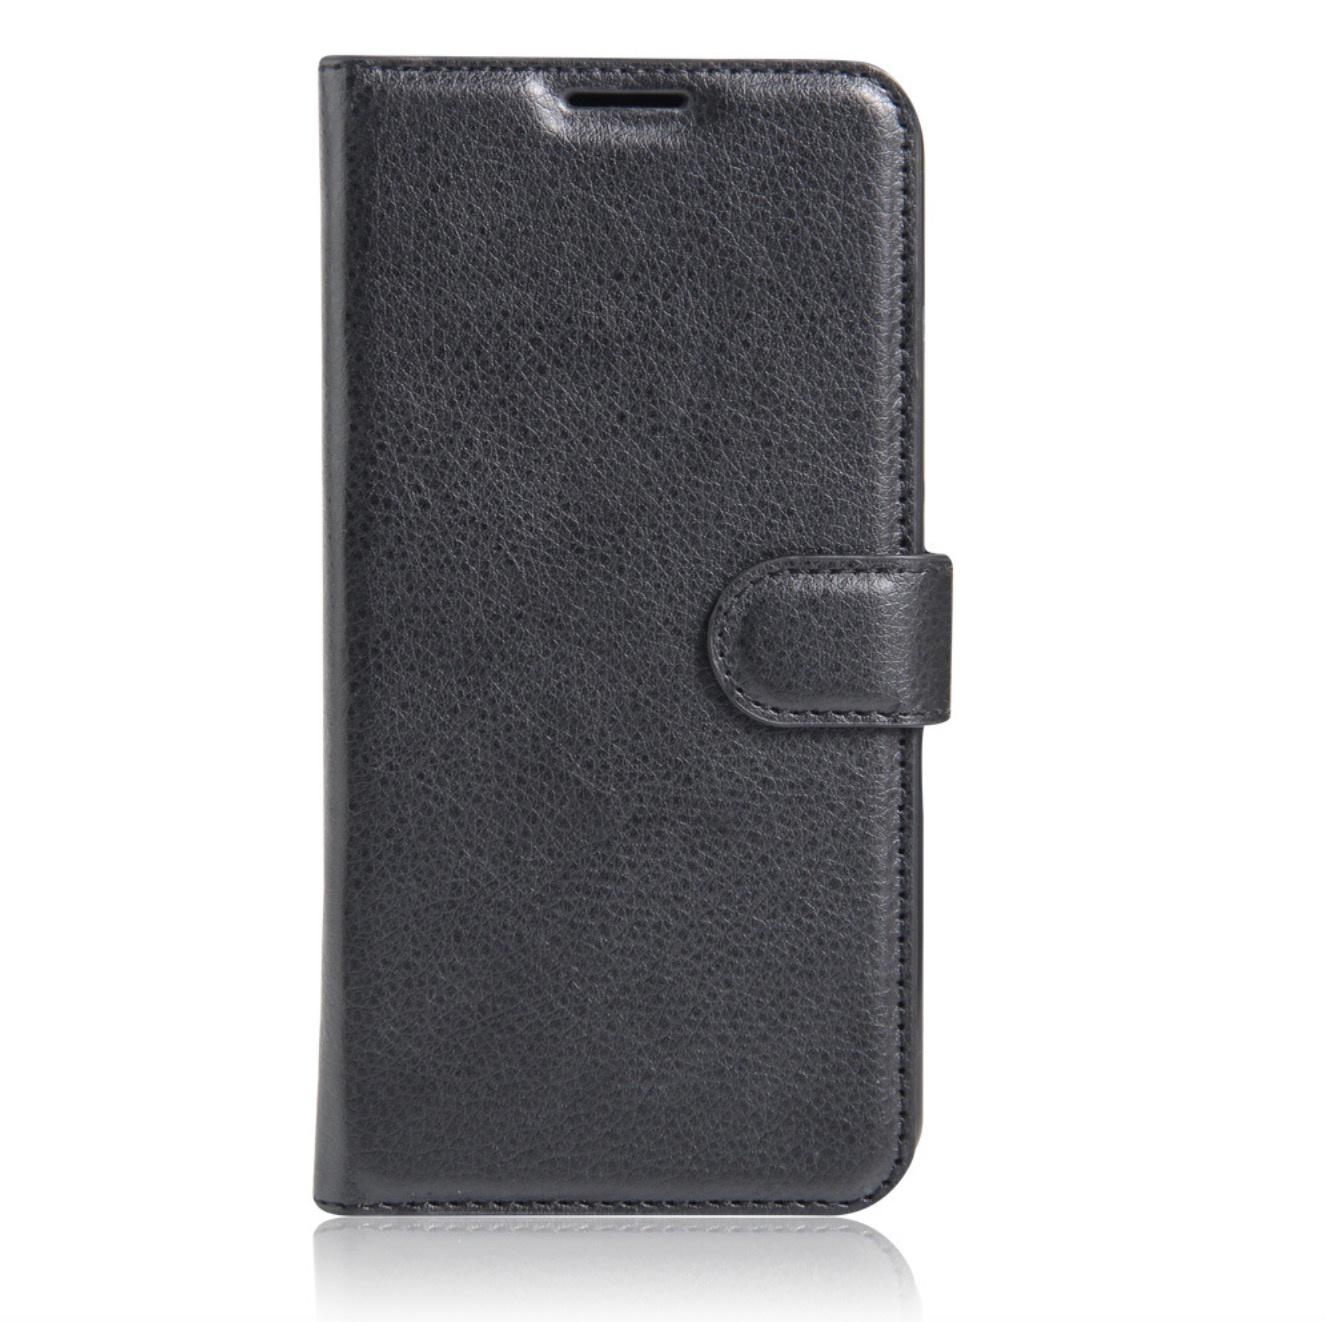 Чехол MyPads для Huawei Honor 6 plus с мульти-подставкой застёжкой и визитницей черный